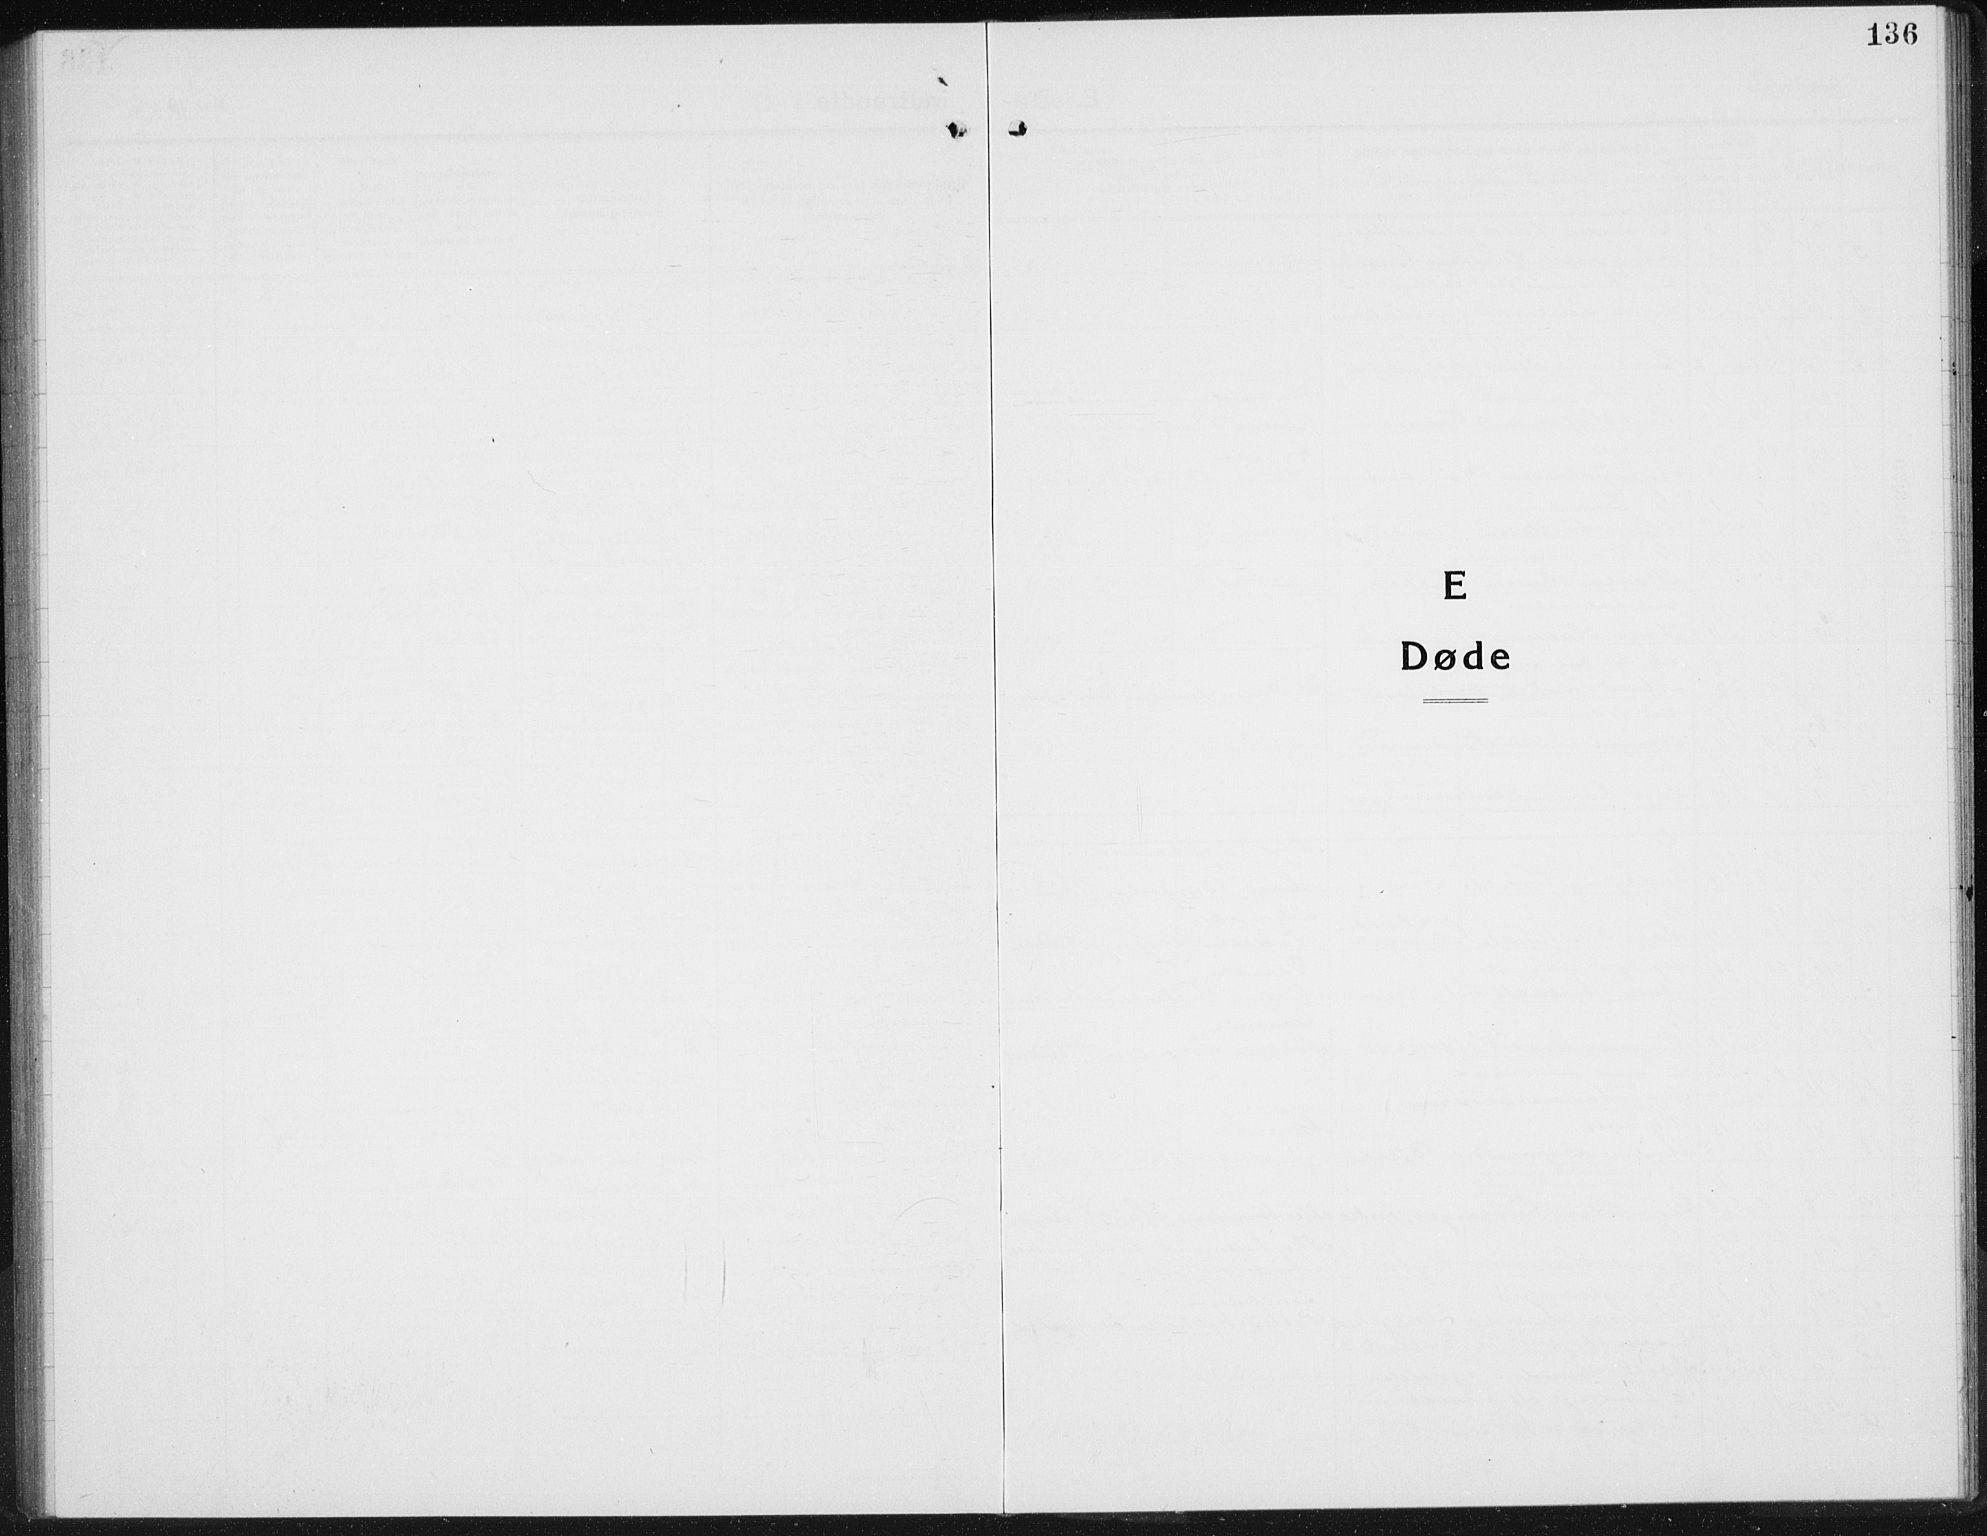 SAH, Gran prestekontor, Klokkerbok nr. 8, 1917-1935, s. 136